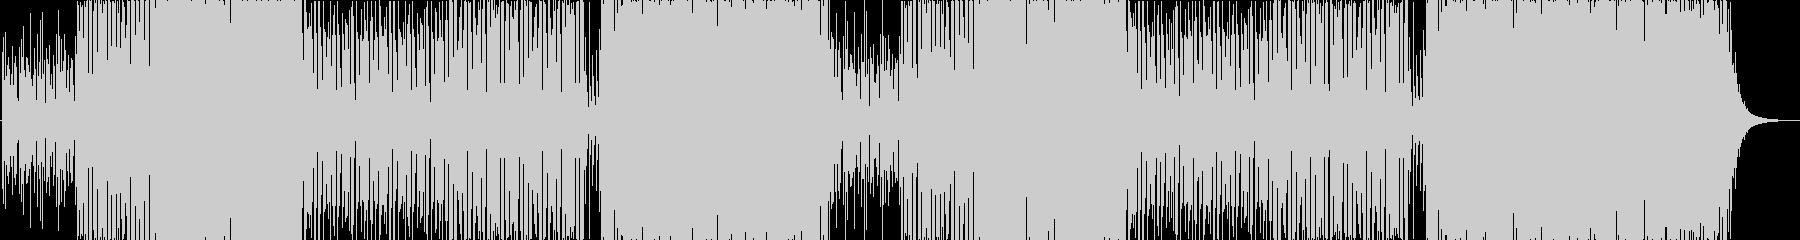 少し速めのトロピカルハウスの未再生の波形